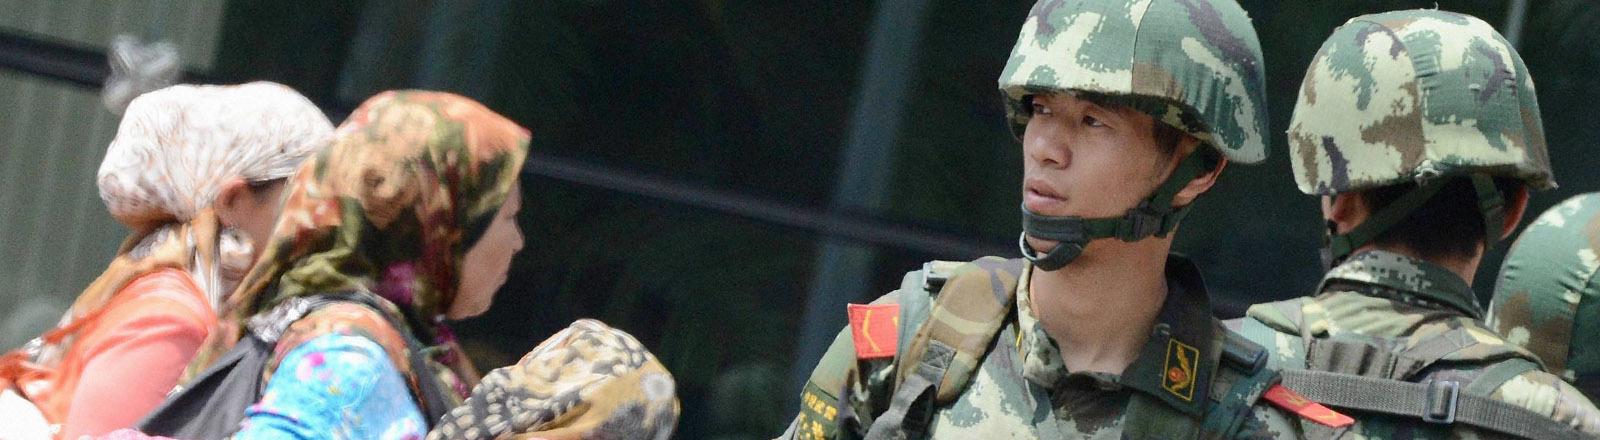 Uigurische Frauen und chinesische Soldaten.